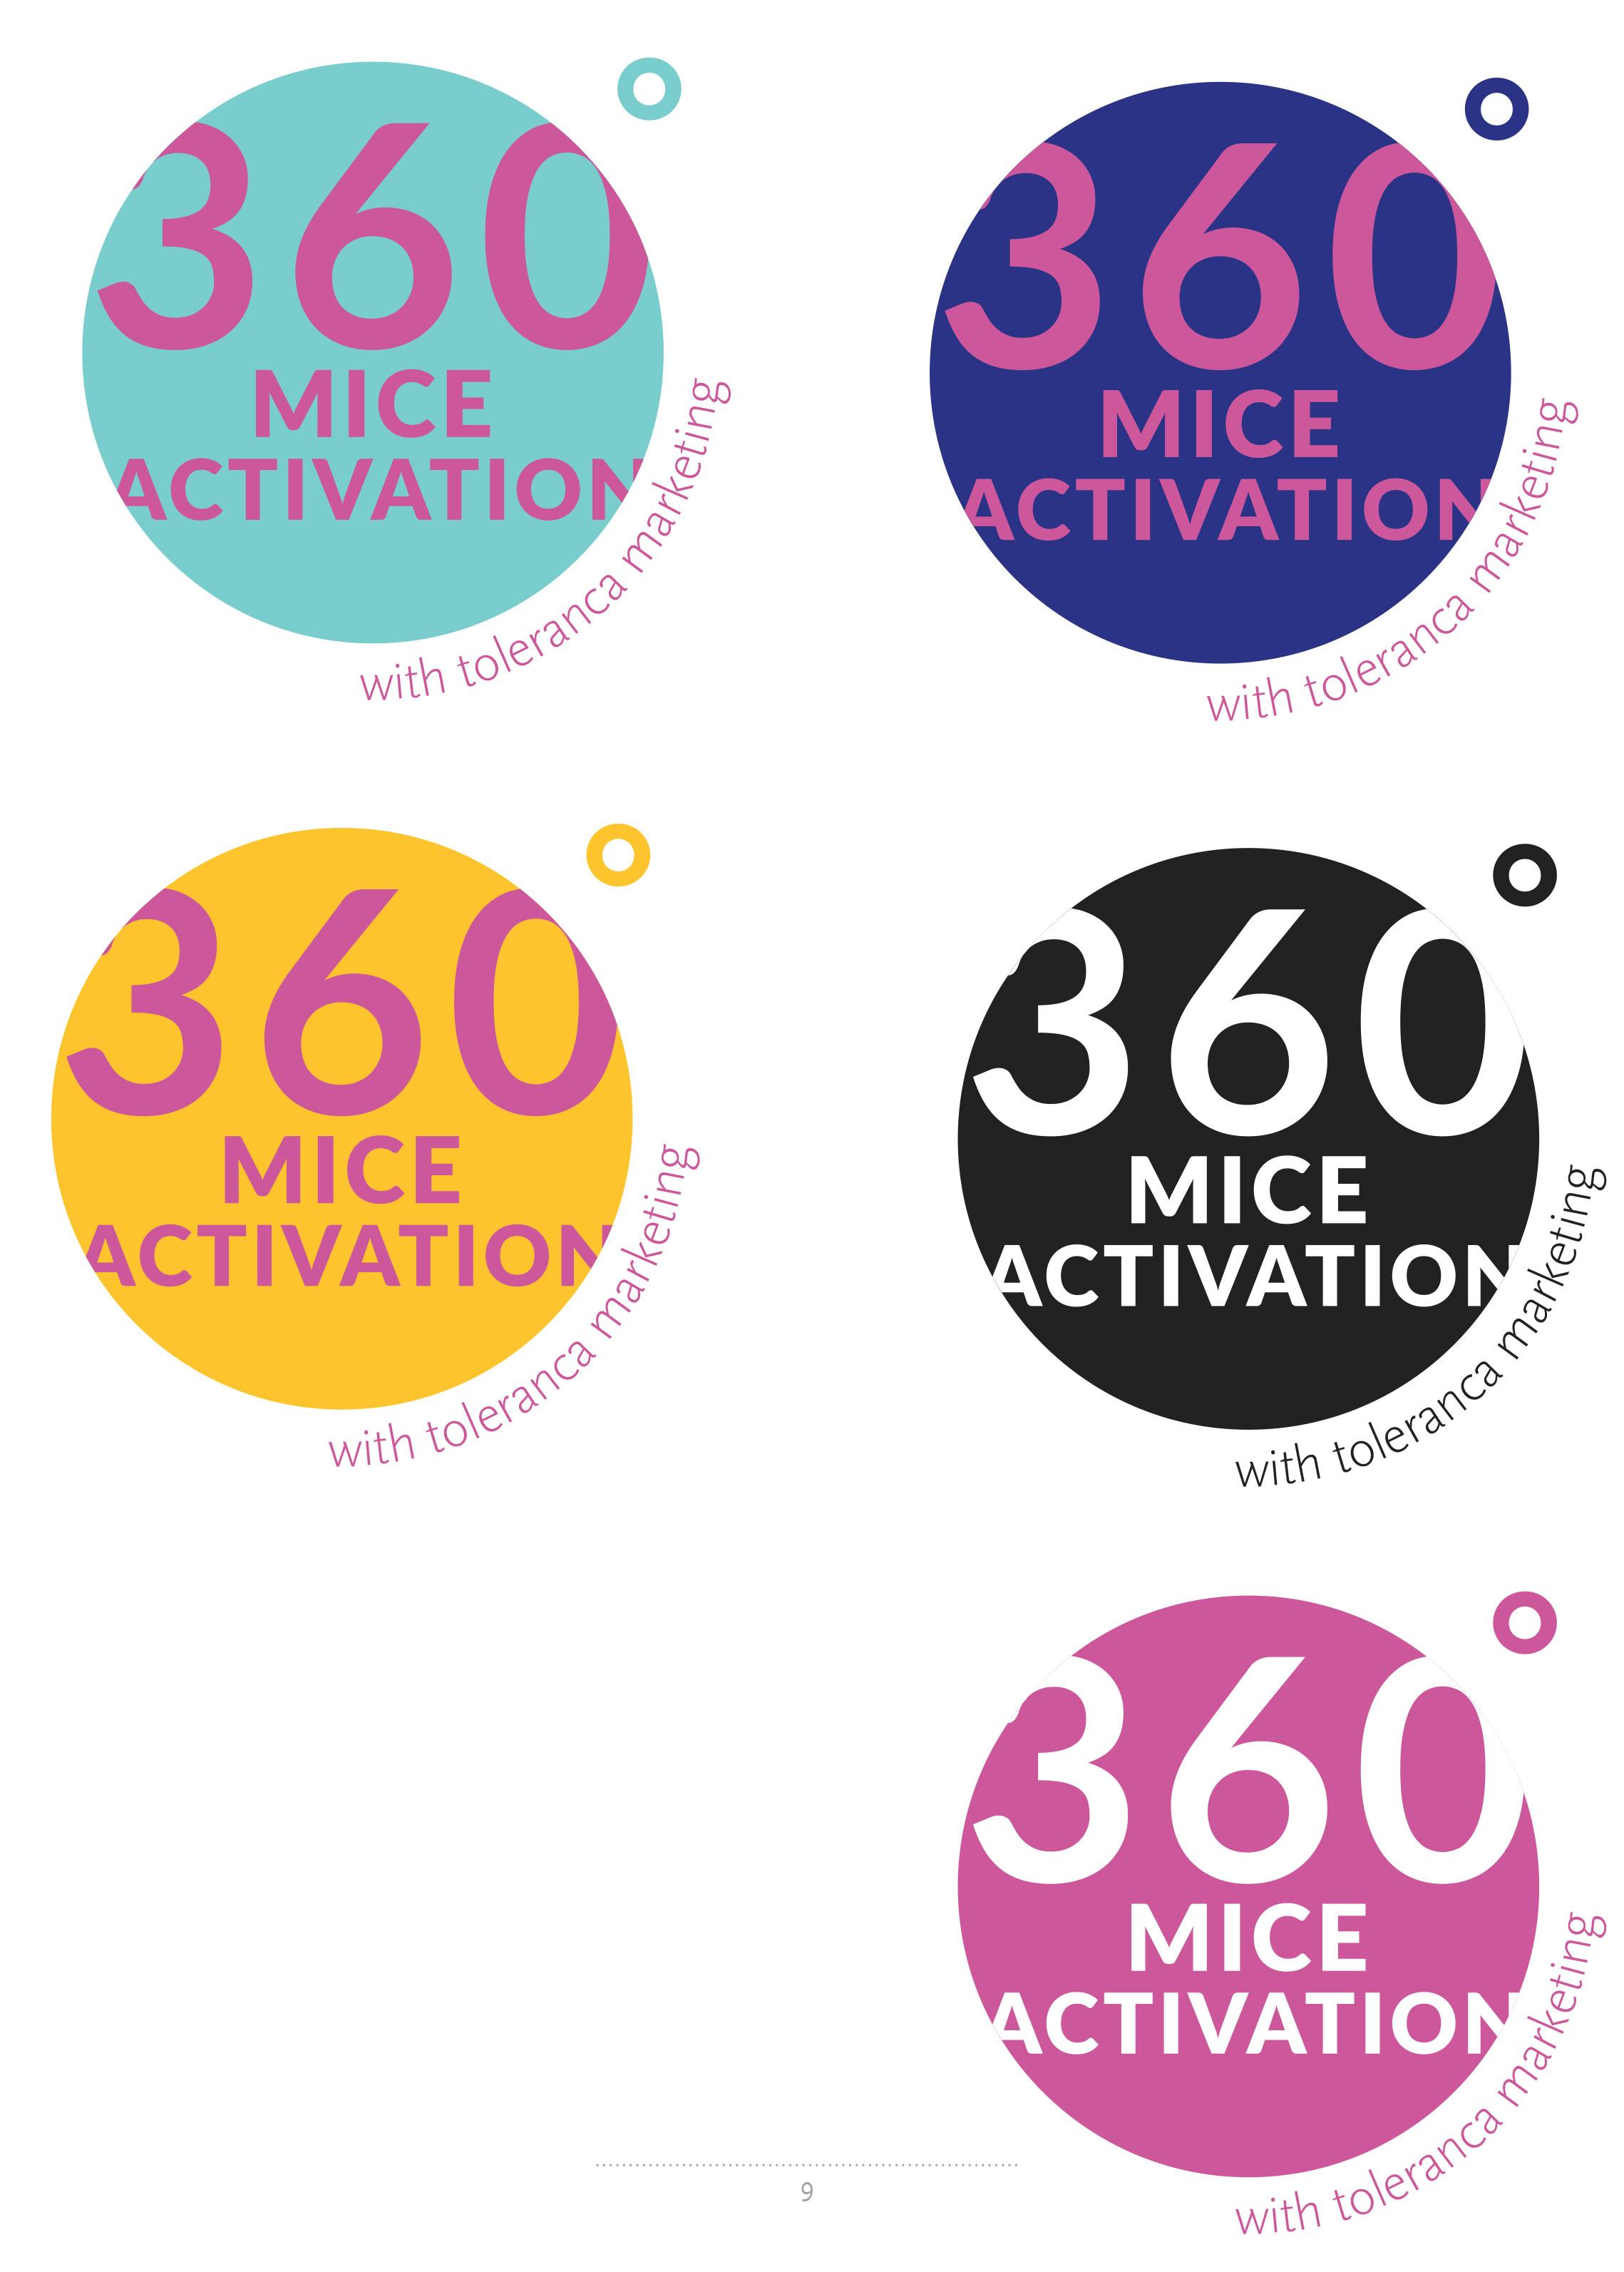 vizualno-oblikovanje-360-mice-activation-logotip